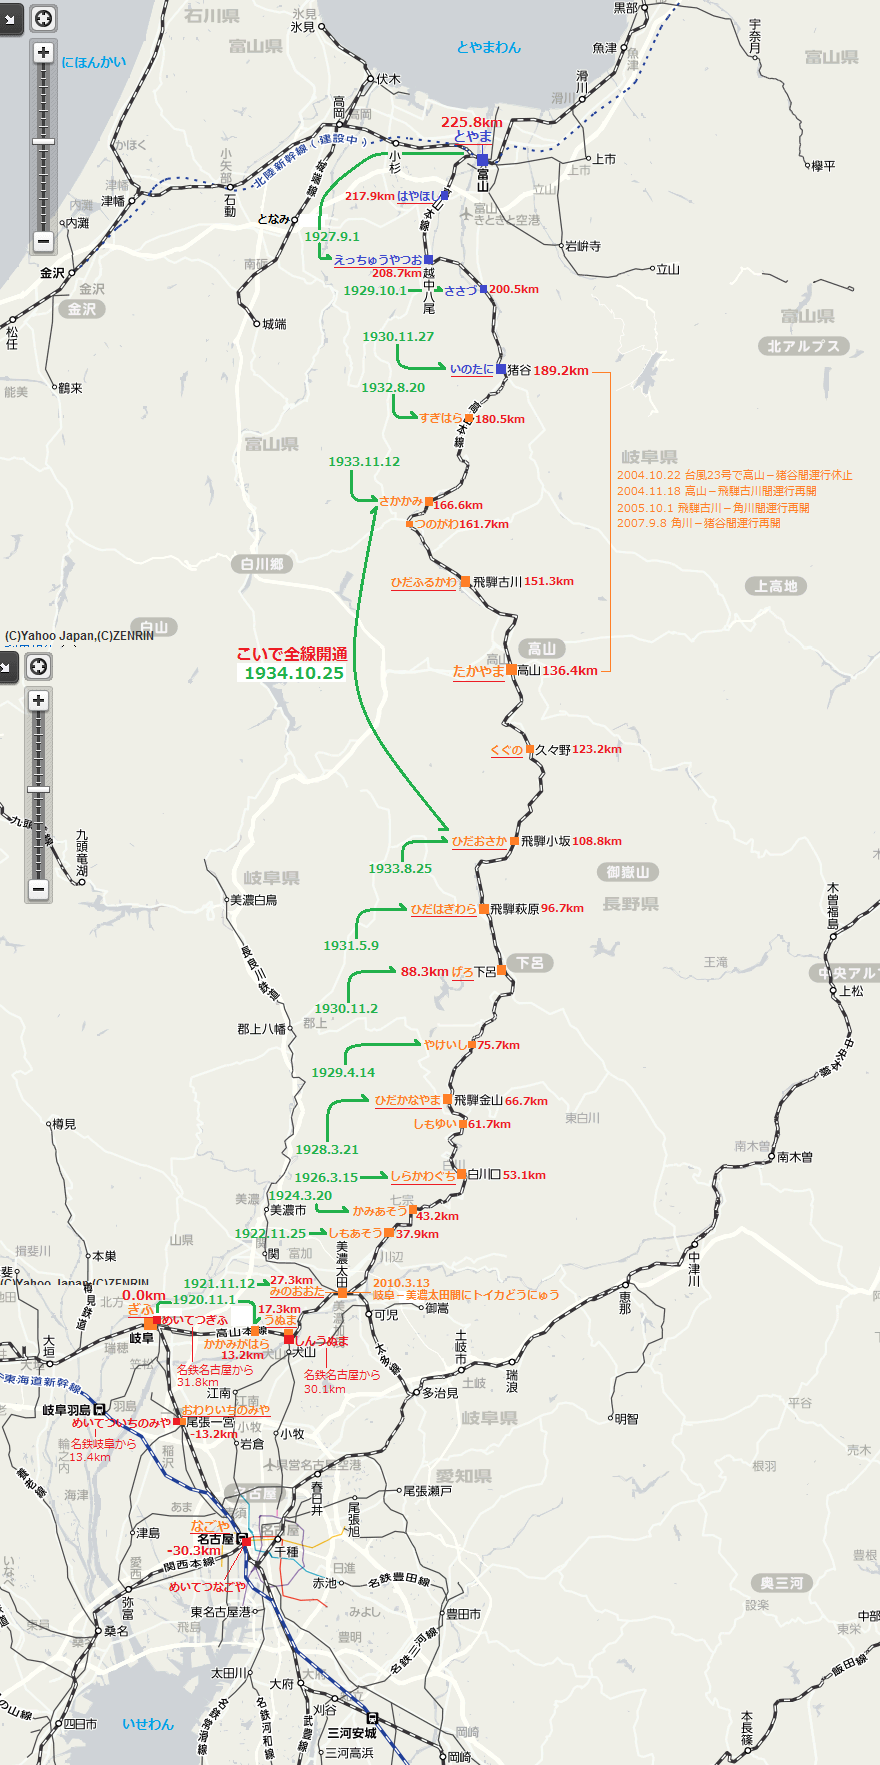 高山線 路線図 (あきひこ)